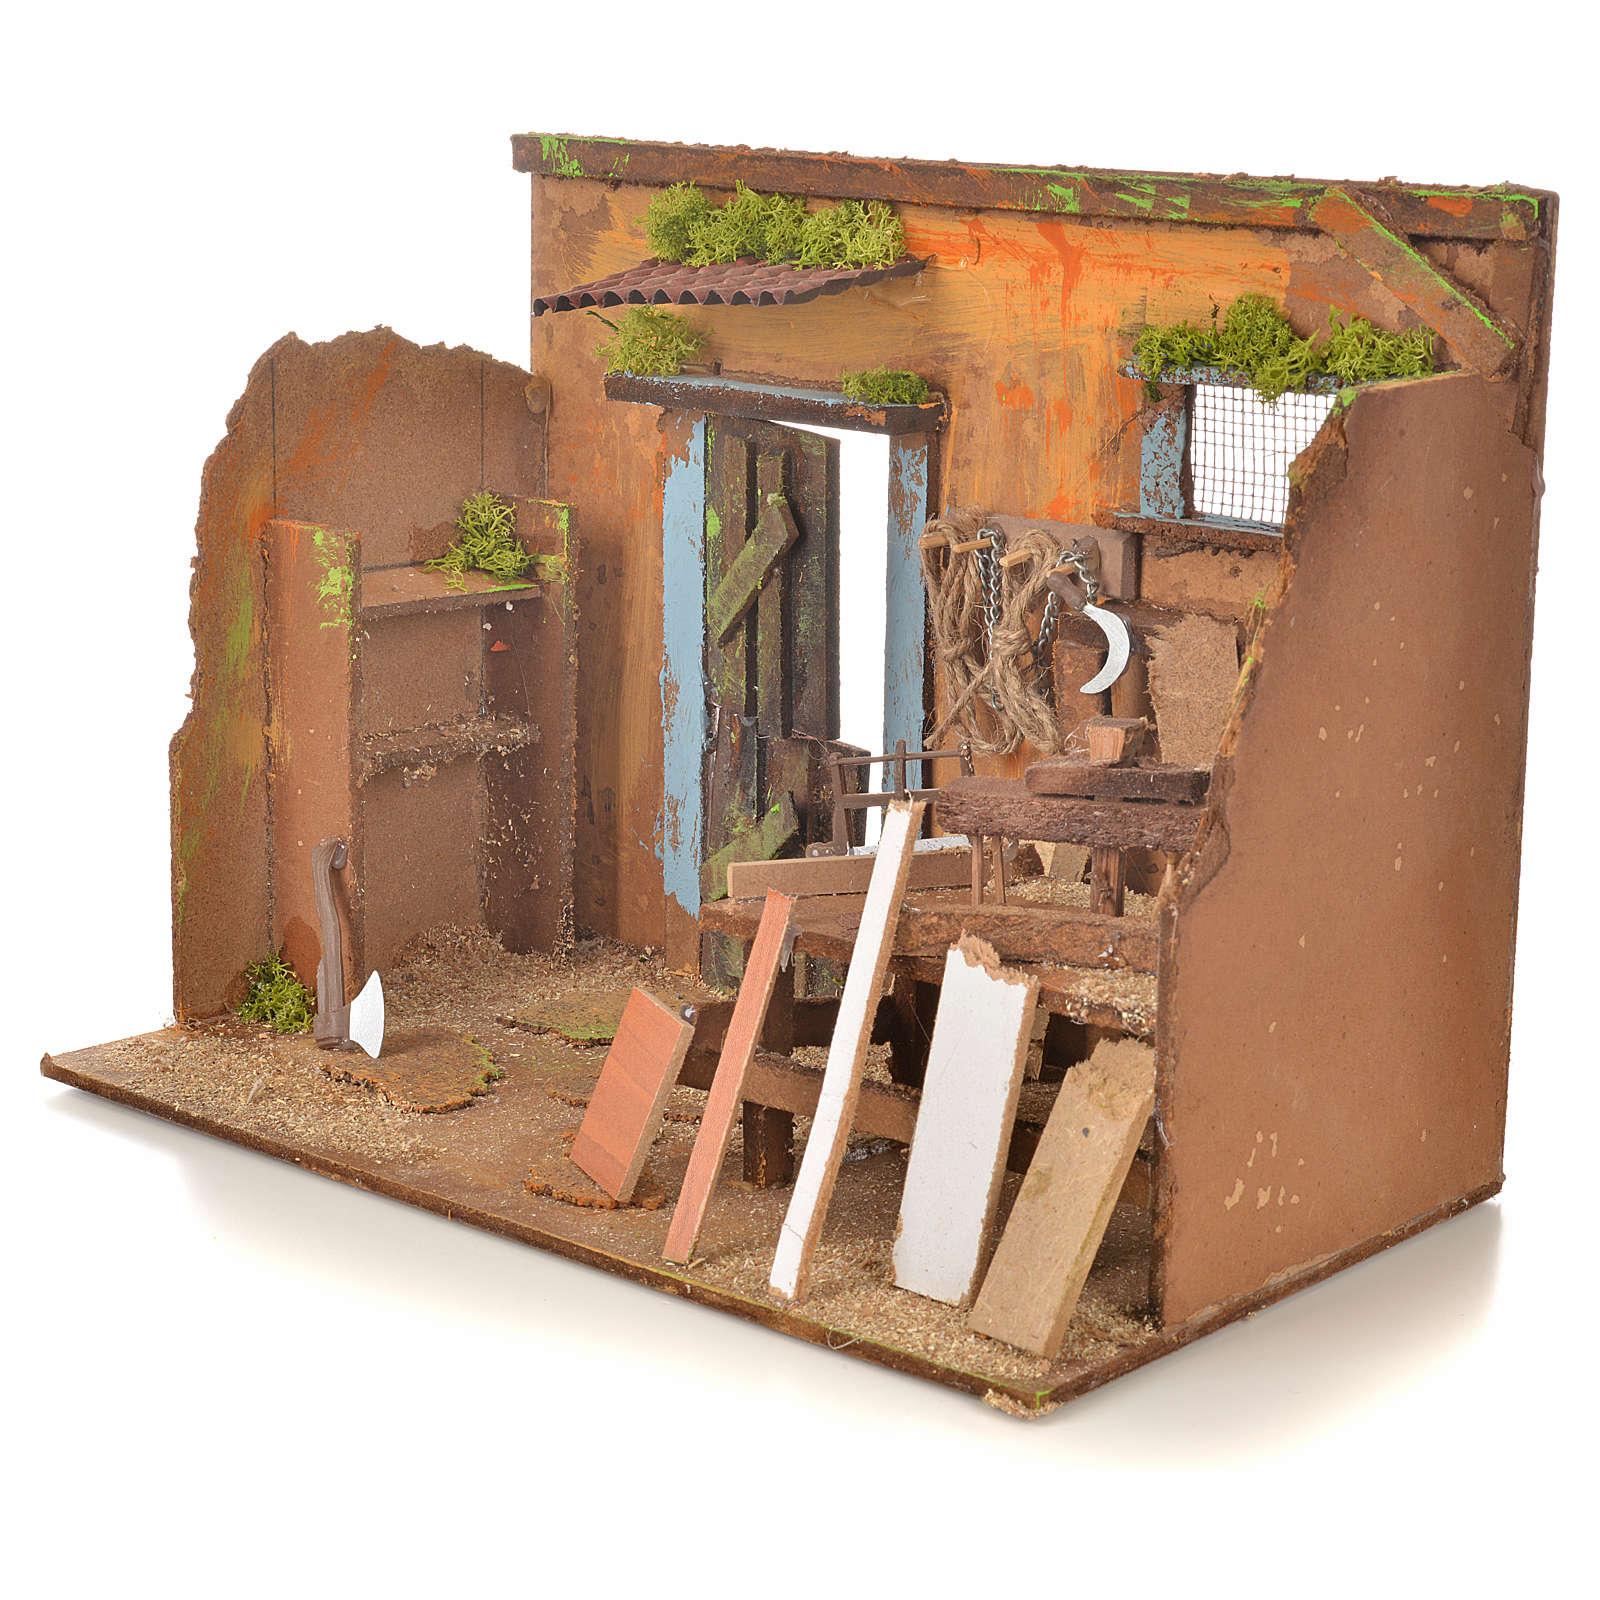 Décor crèche atelier de menuiserie 33x18x25 4